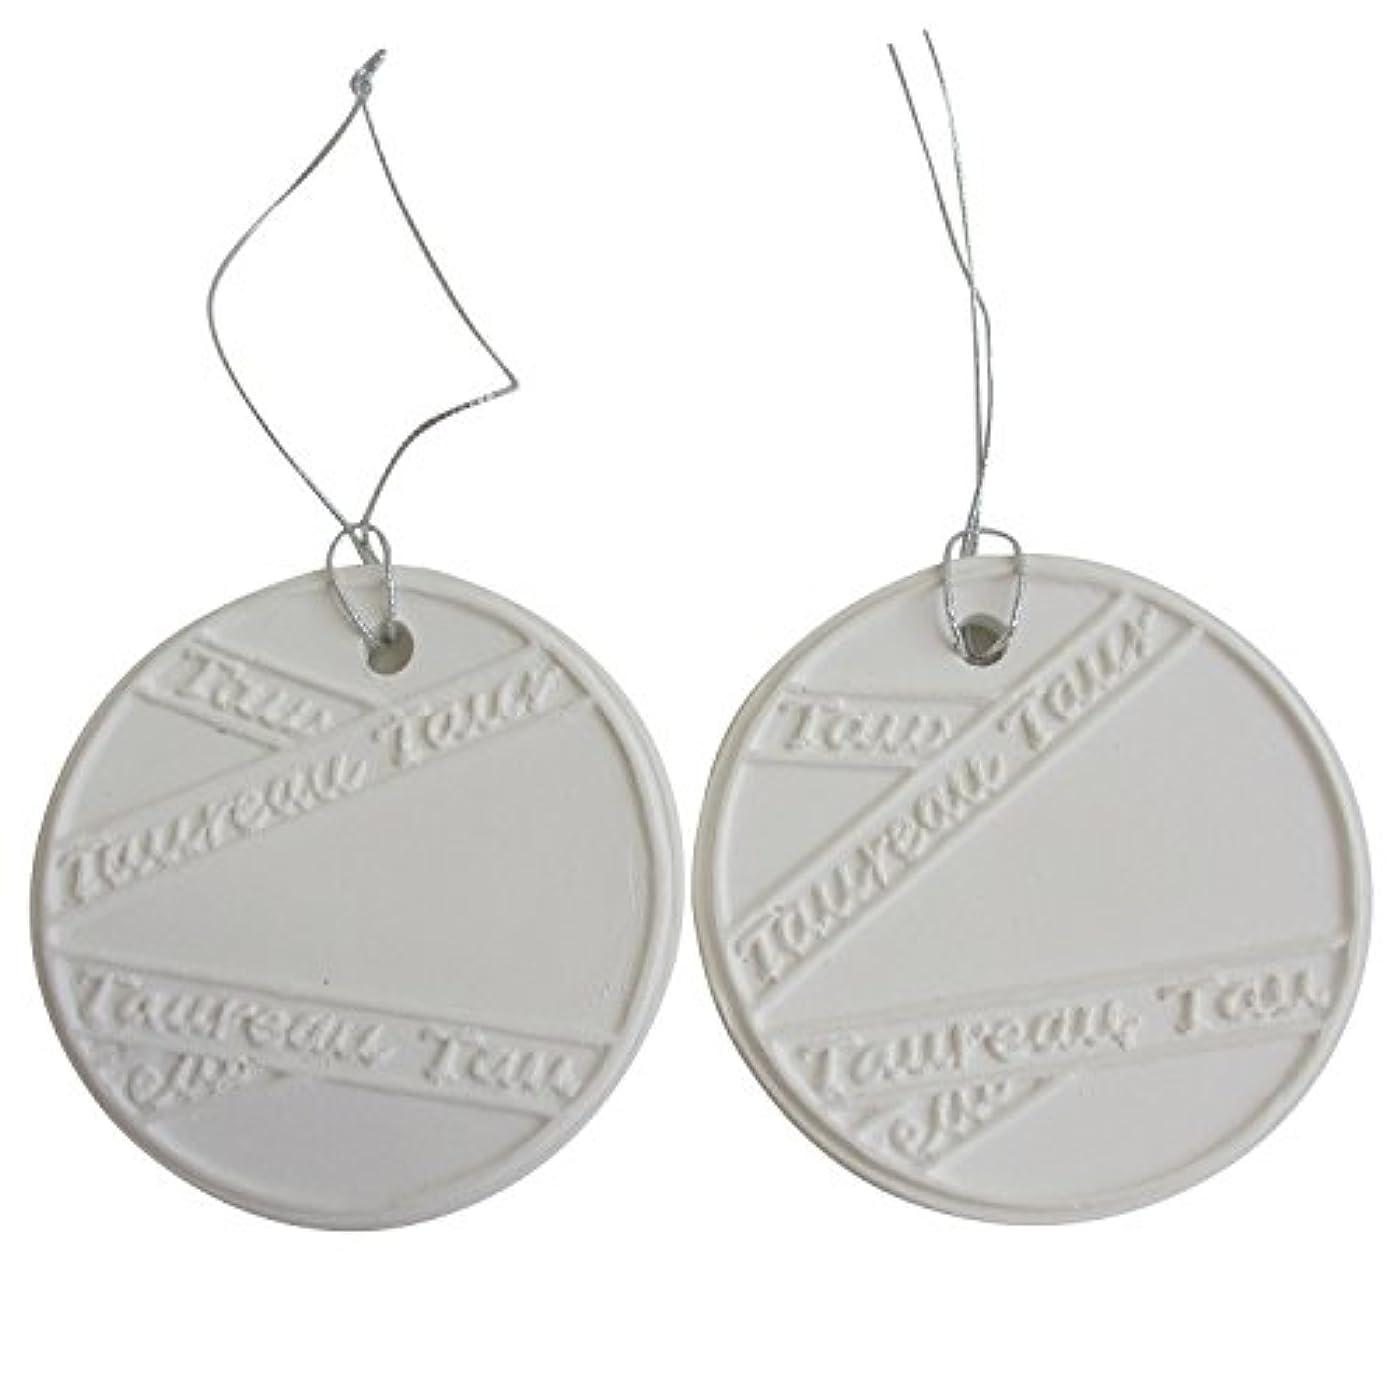 浪費崇拝する期限アロマストーン ホワイトコイン2セット(リボン2) アクセサリー 小物 キーホルダー アロマディフューザー ペンダント 陶器製